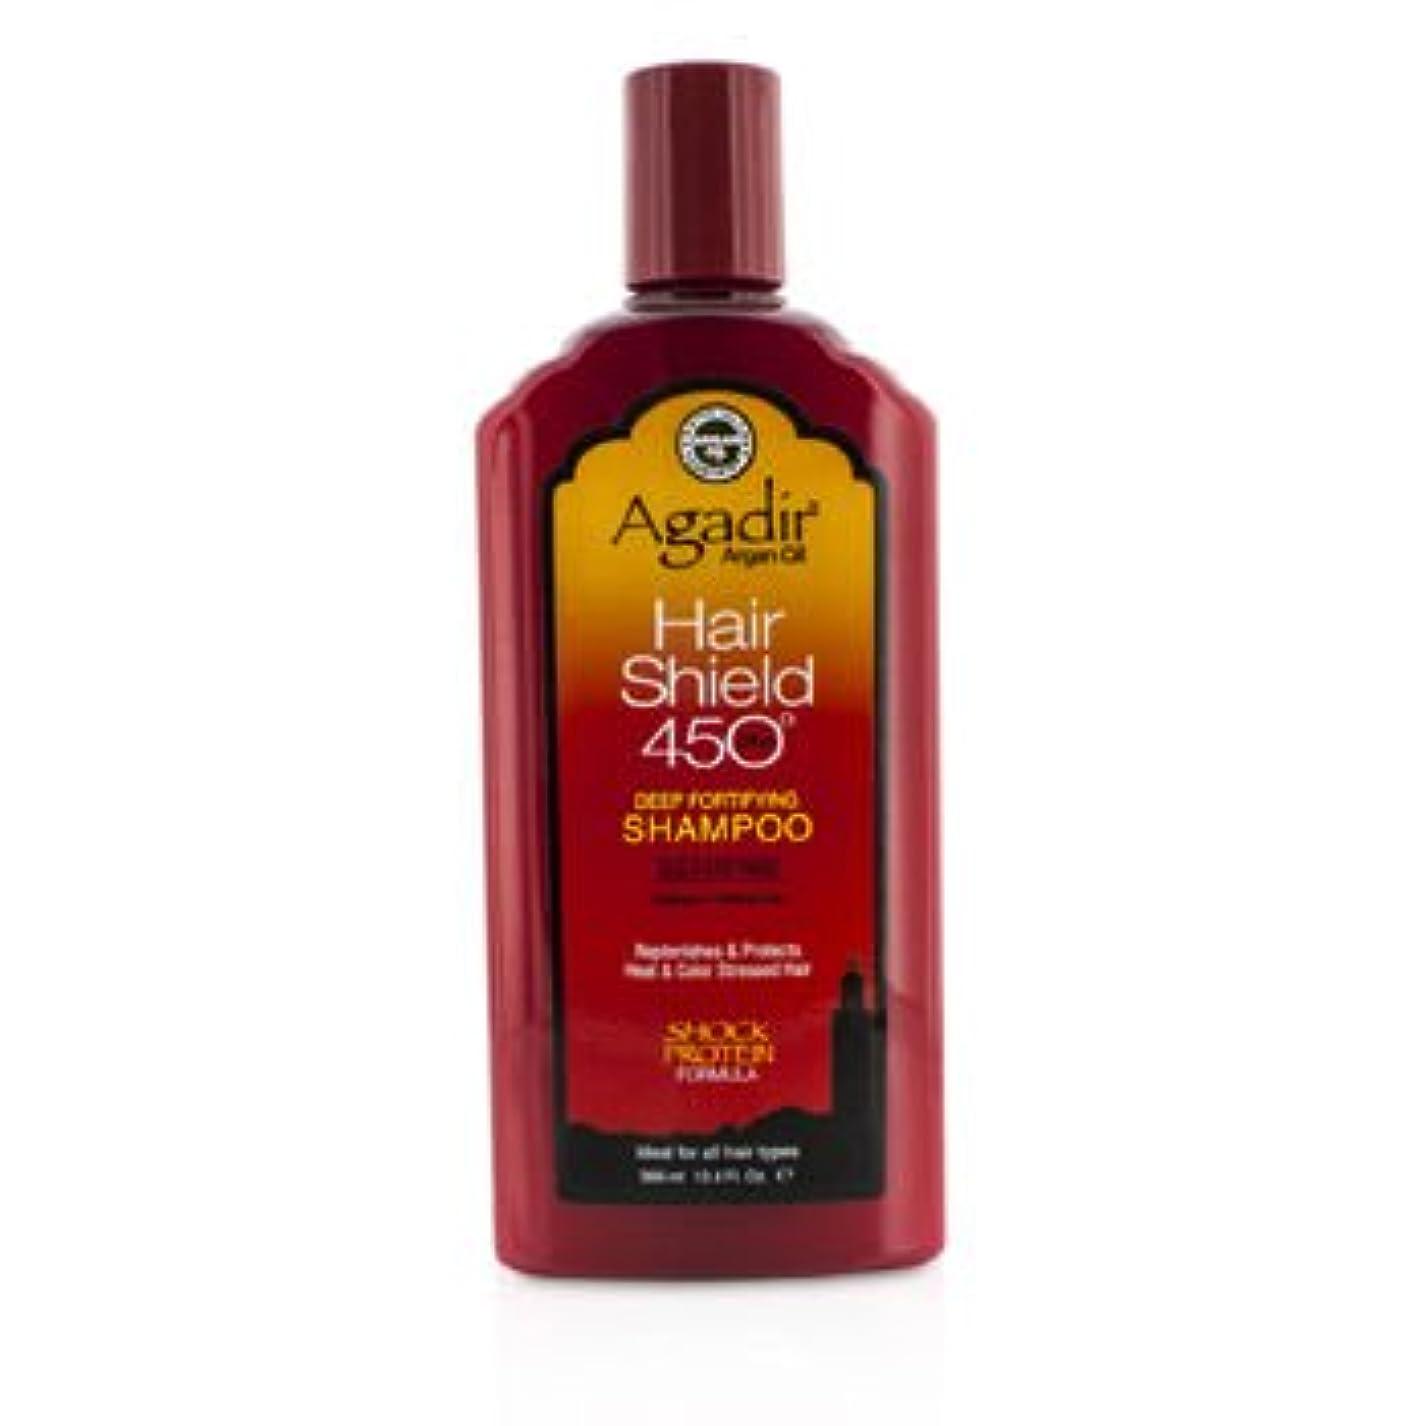 米国うなる目を覚ます[Agadir Argan Oil] Hair Shield 450 Plus Deep Fortifying Shampoo - Sulfate Free (For All Hair Types) 366ml/12.4oz